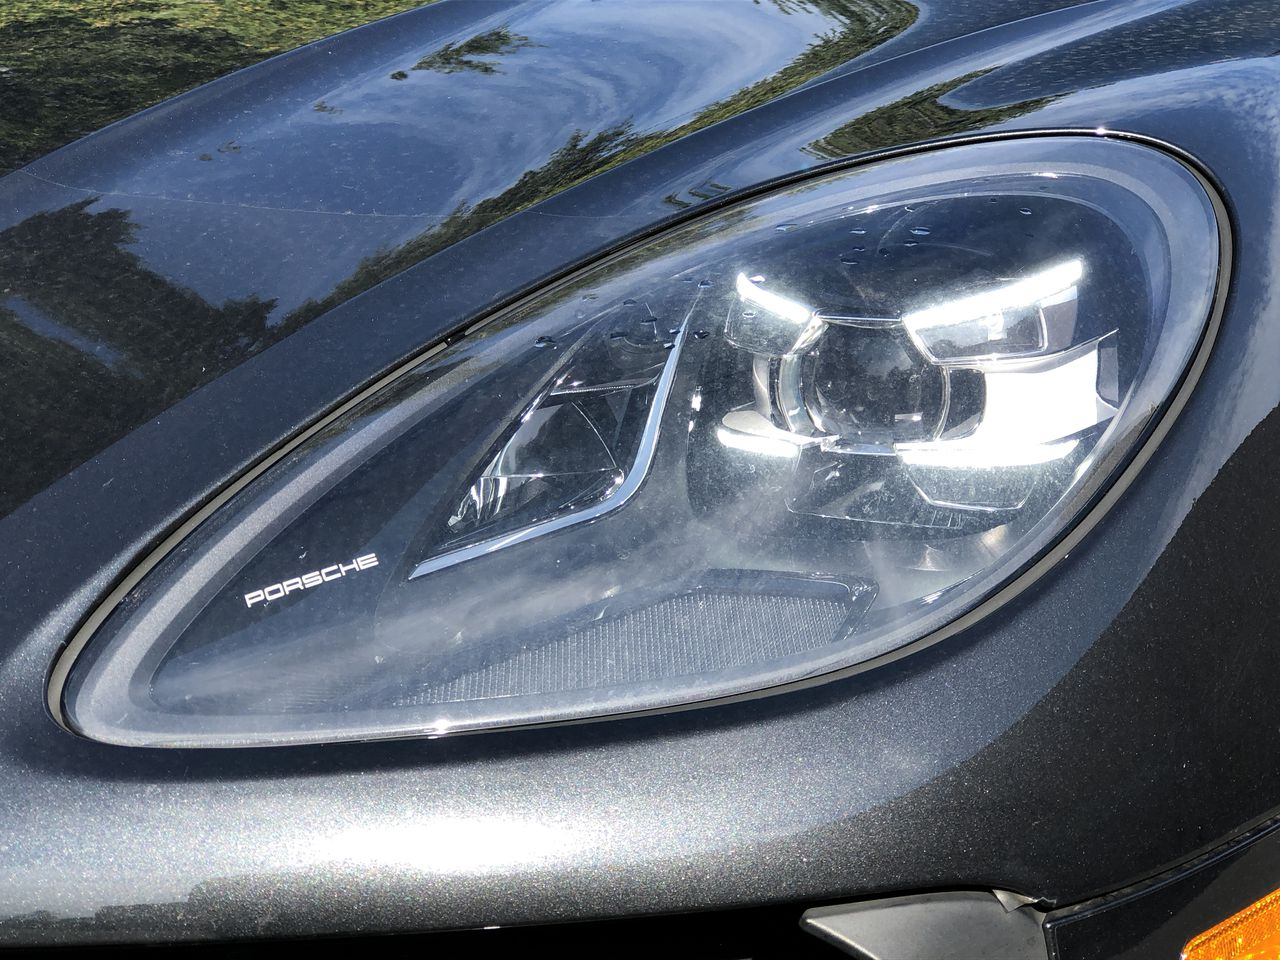 New 2020 Porsche Macan MSRP $64,750